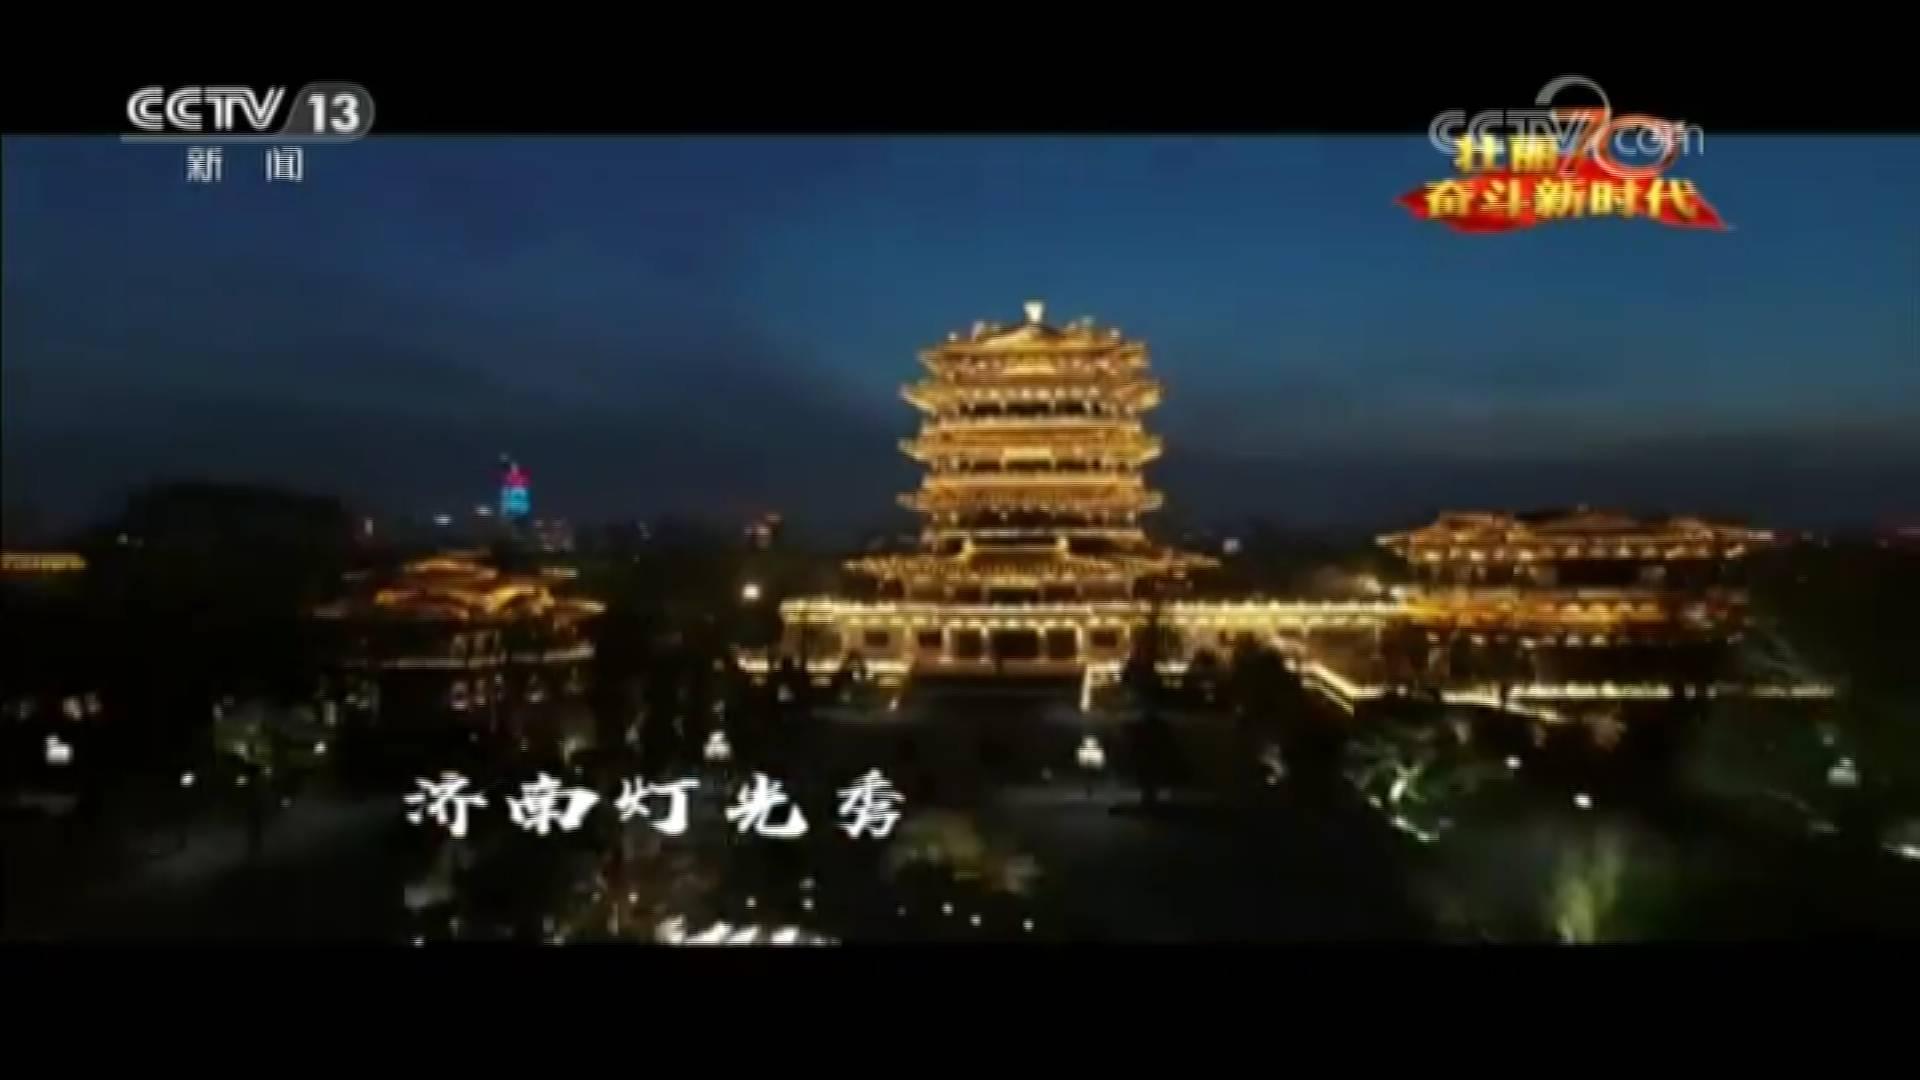 共和国发展成就巡礼•山东篇丨120秒带你看山东的文化夜